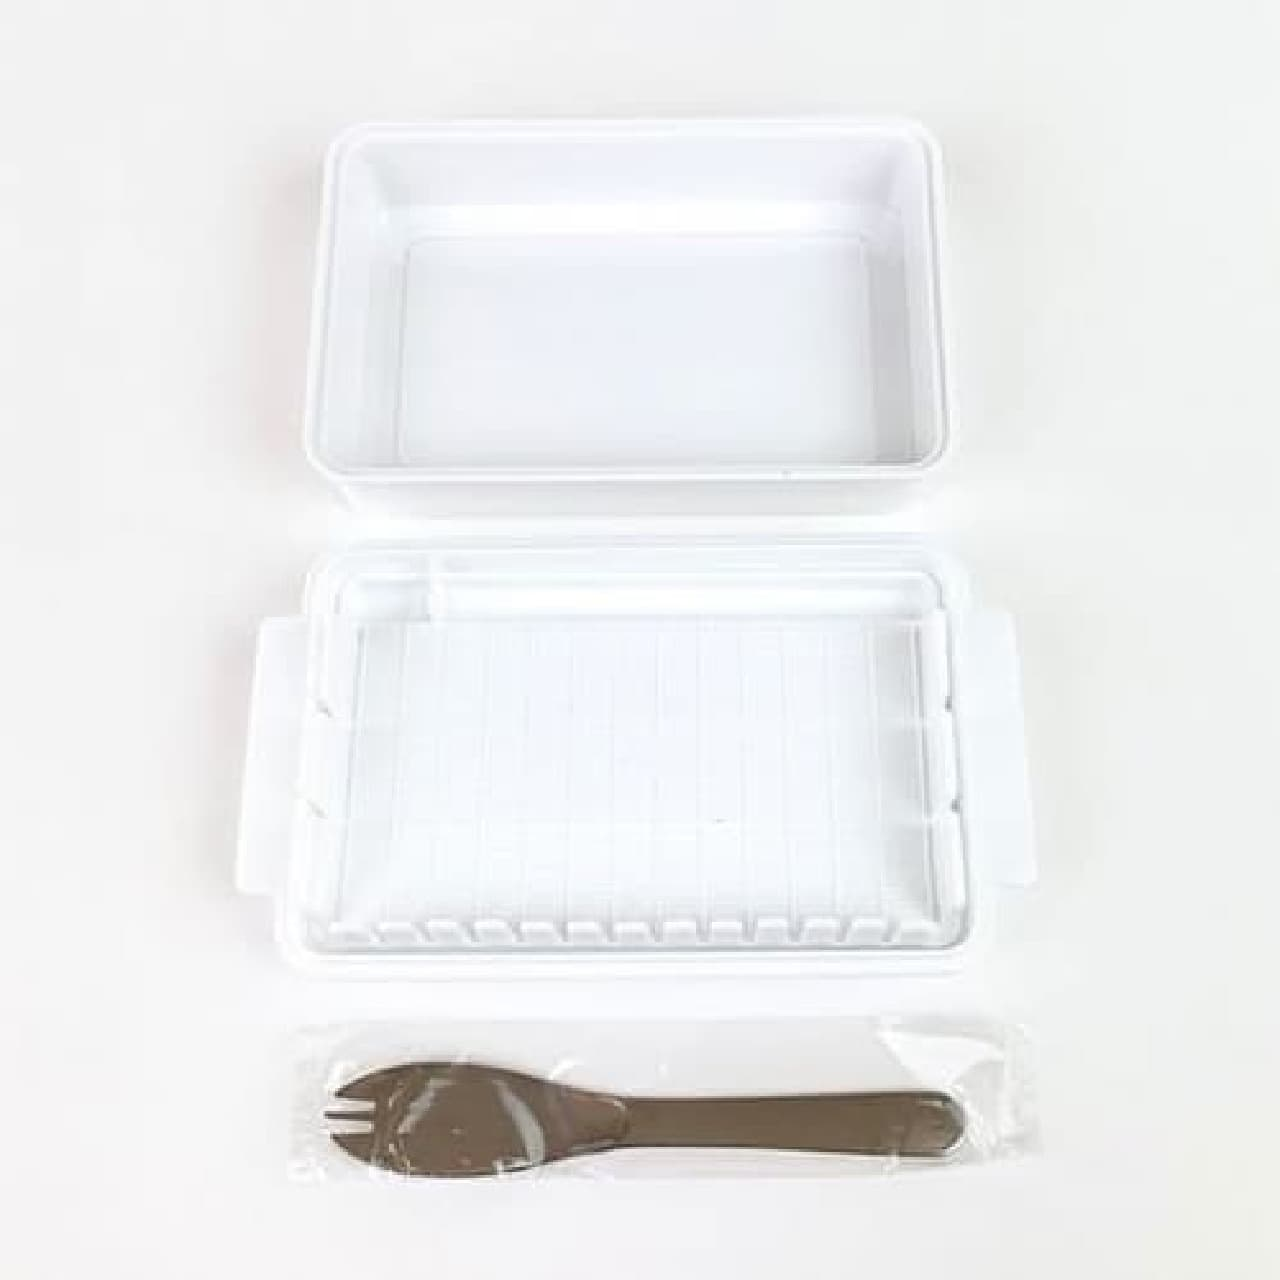 ミッフィーのバターケース